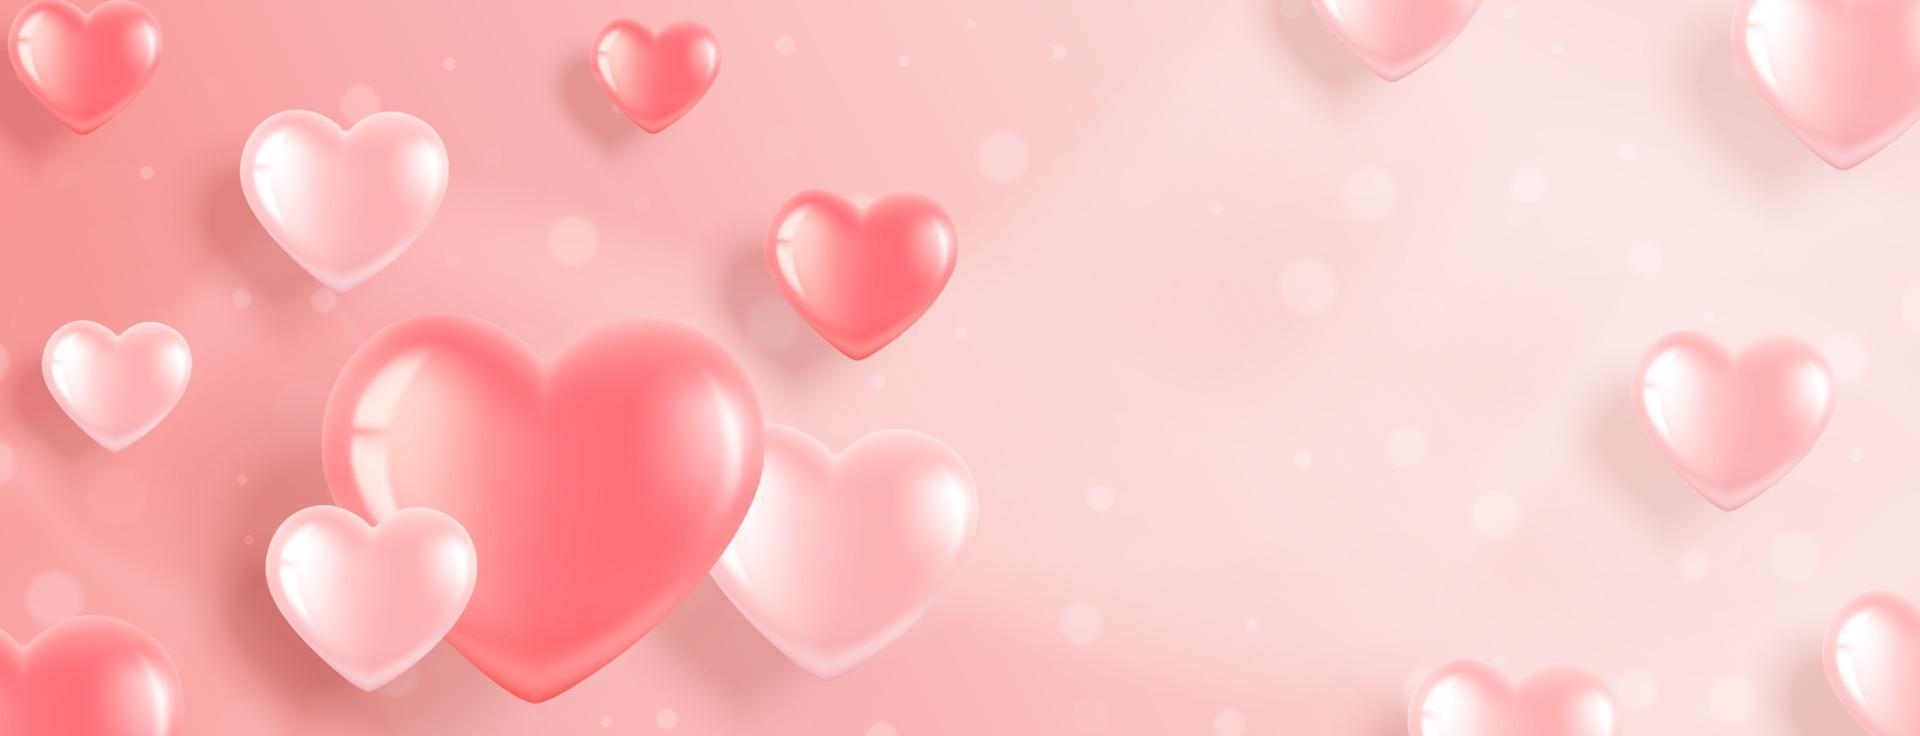 Valentinstag Banner mit rosa Herzen vektor